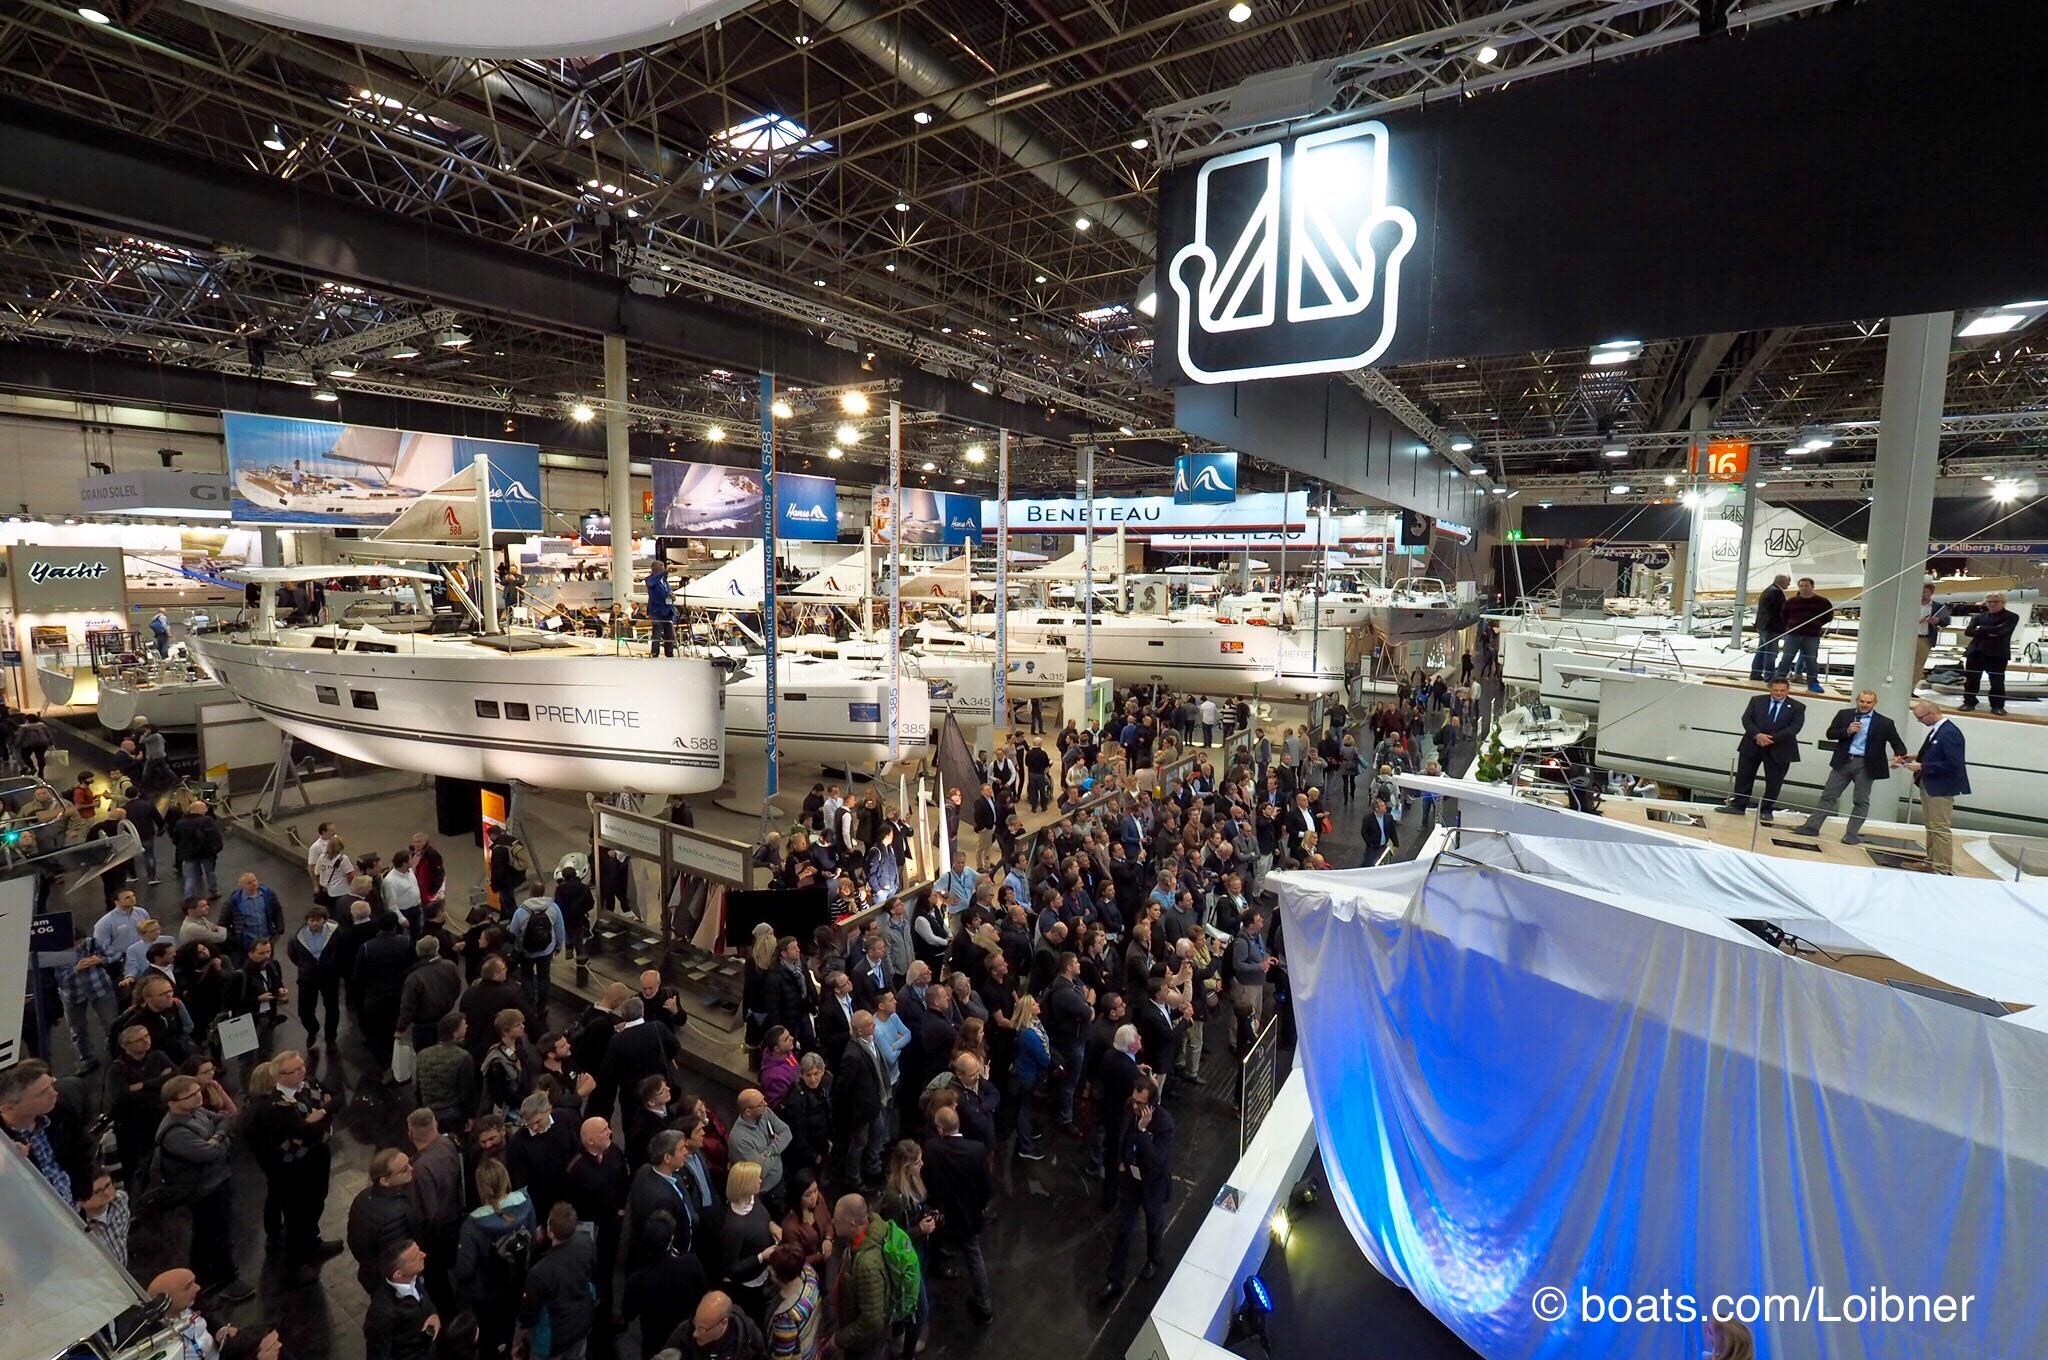 Vor zahlreich erschienenem Publikum wird die Dufour 63 Exclusive feierlich enthüllt. Foto: boats.com/Loibner